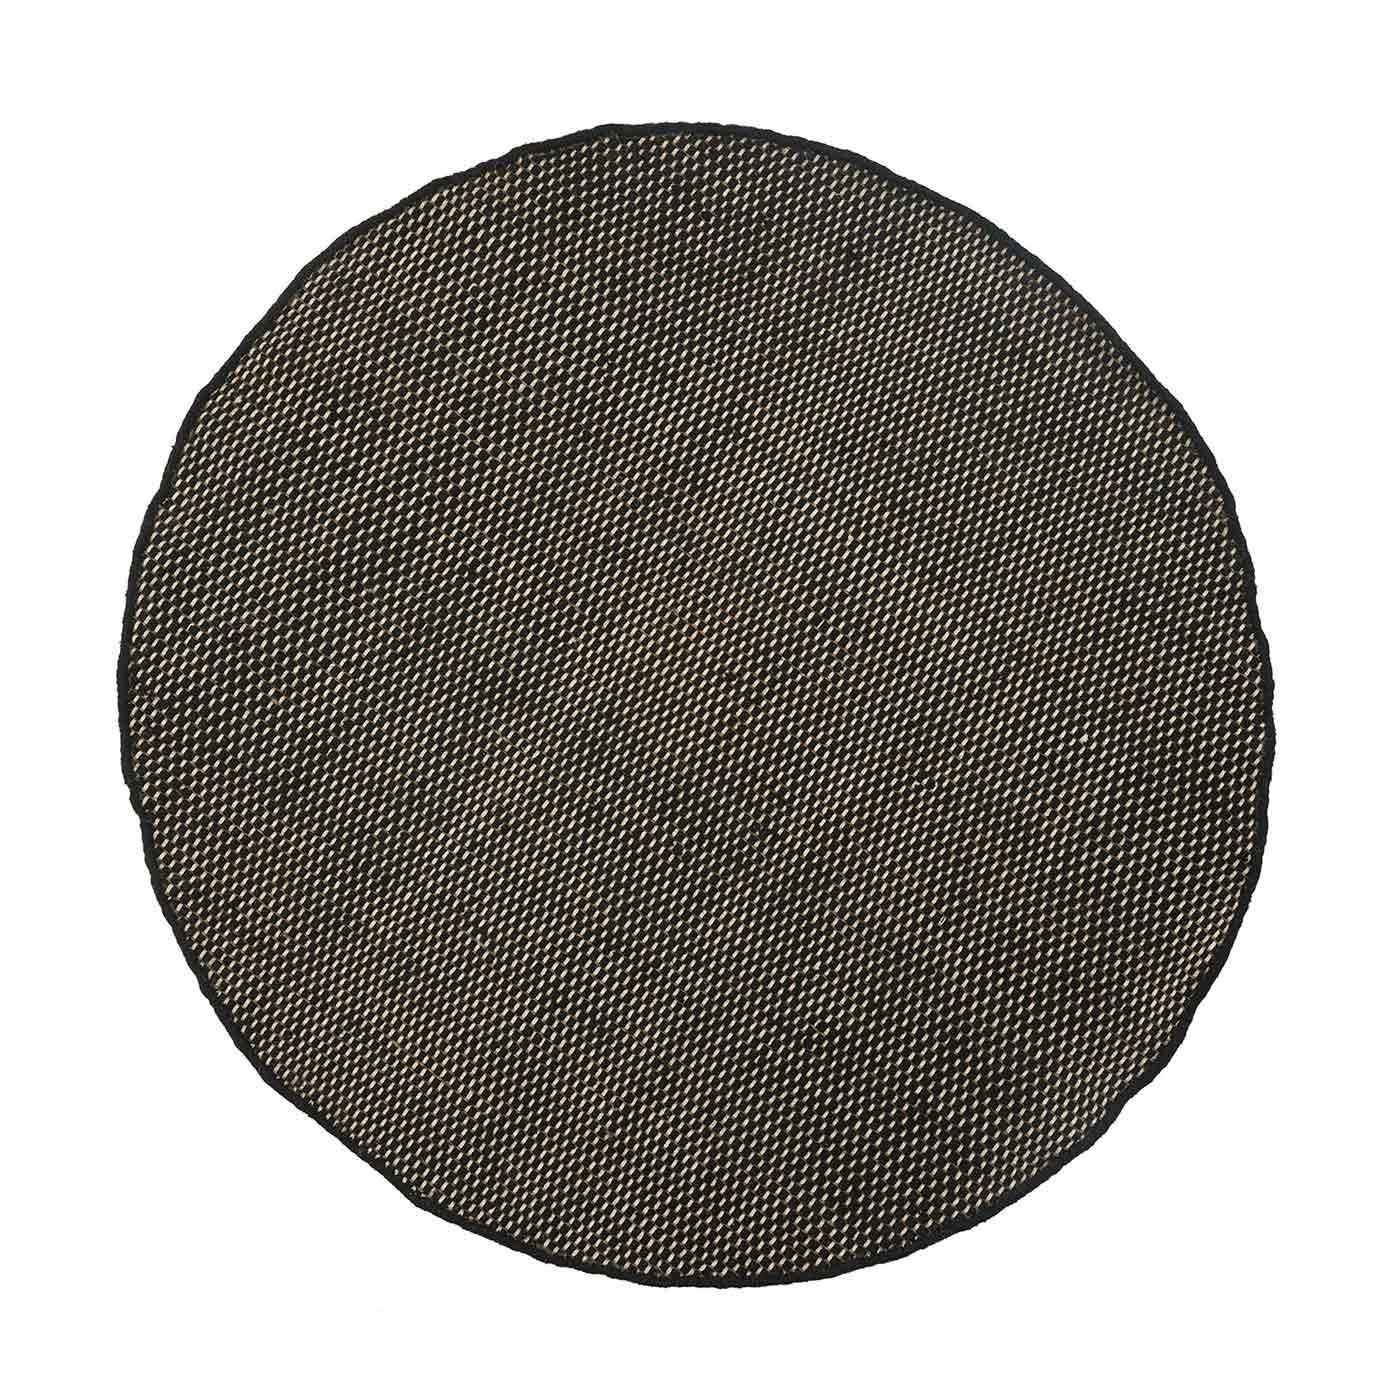 Asko Round Rug Grey